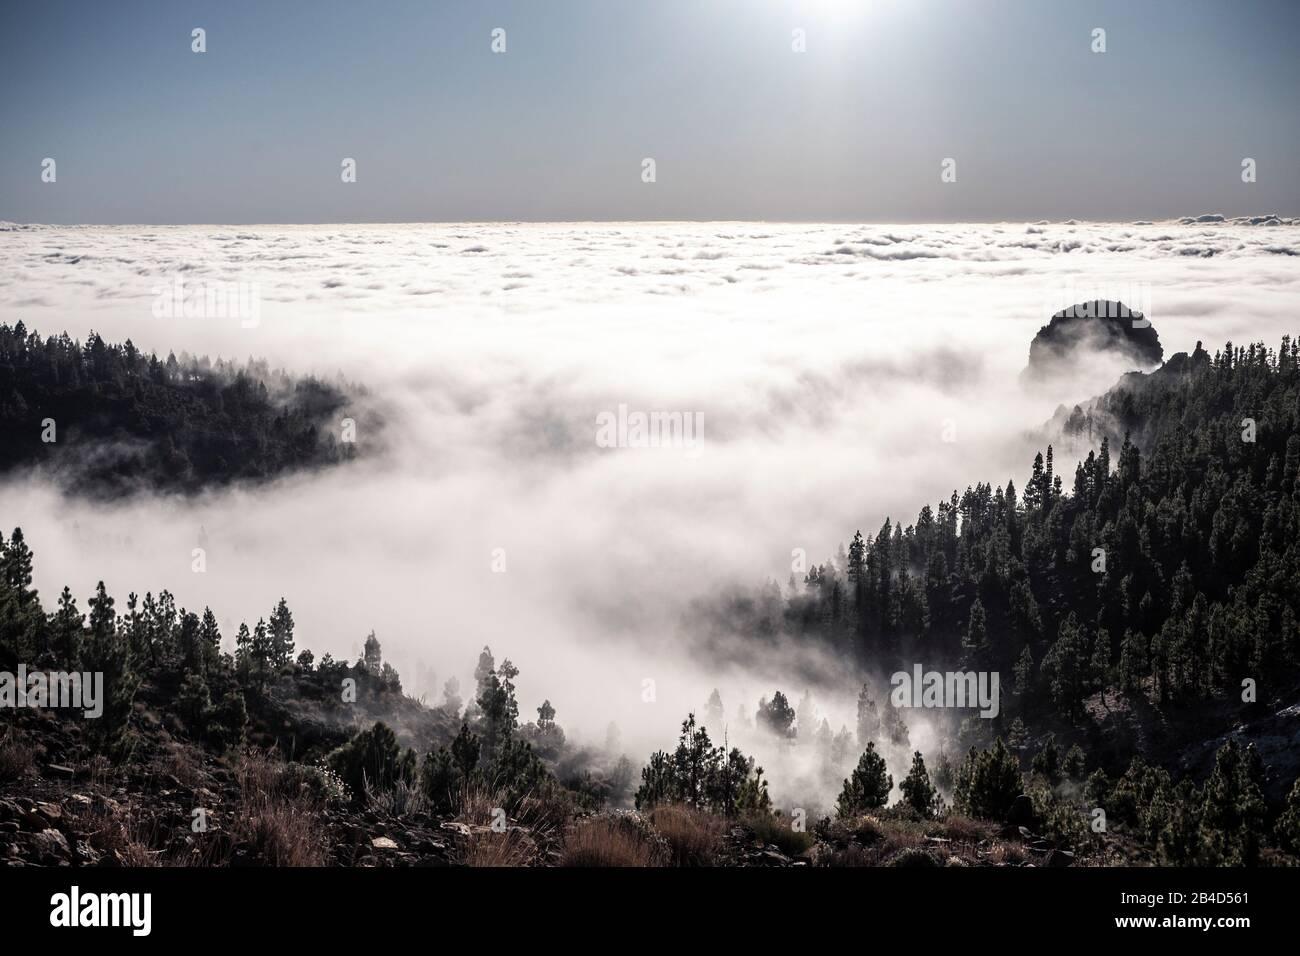 Paisaje natural hermoso con montañas bosque y nubes - horizonte y cielo sobre los árboles y las nubes - aventura y trekking concepto para una experiencia alternativa de viaje Foto de stock